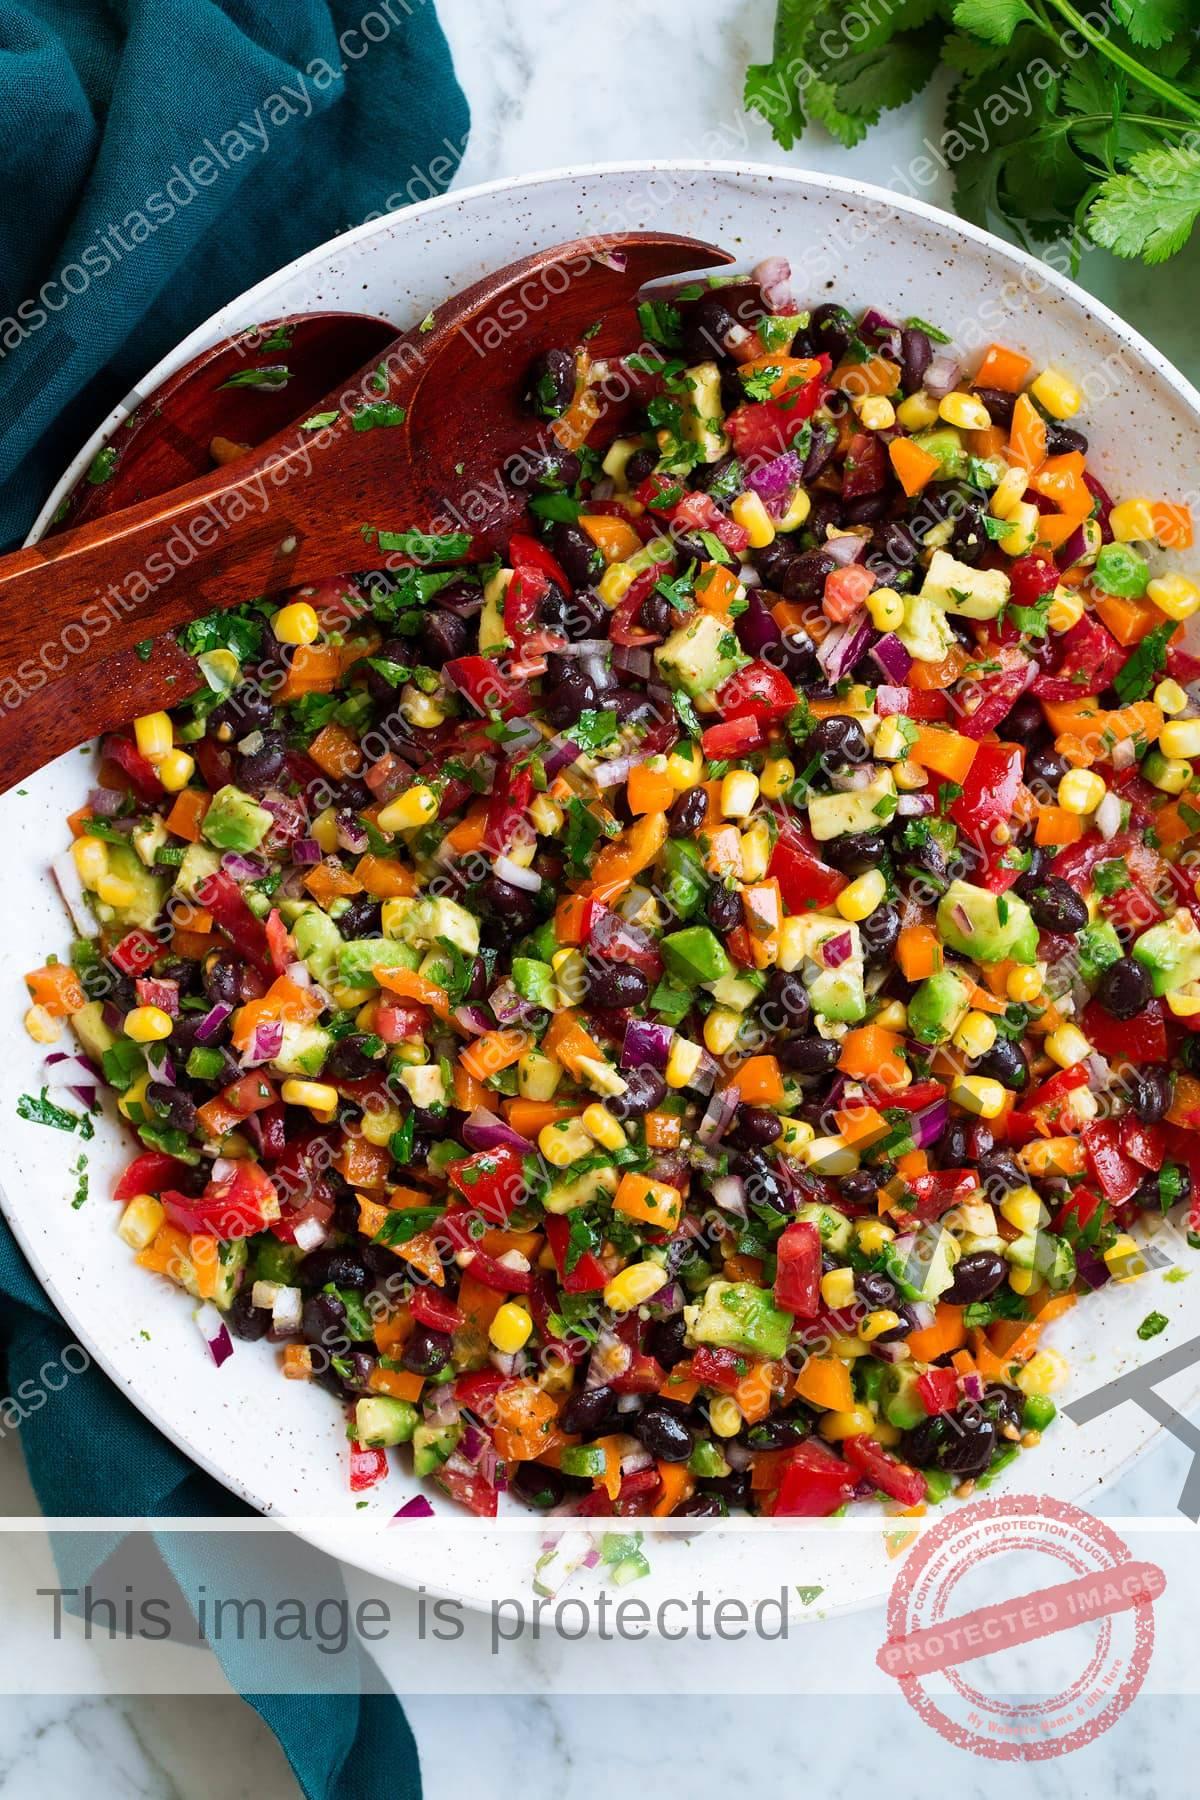 Ensalada de frijoles negros y maíz con salsa de ají, aguacate, tomate y limón y cilantro.